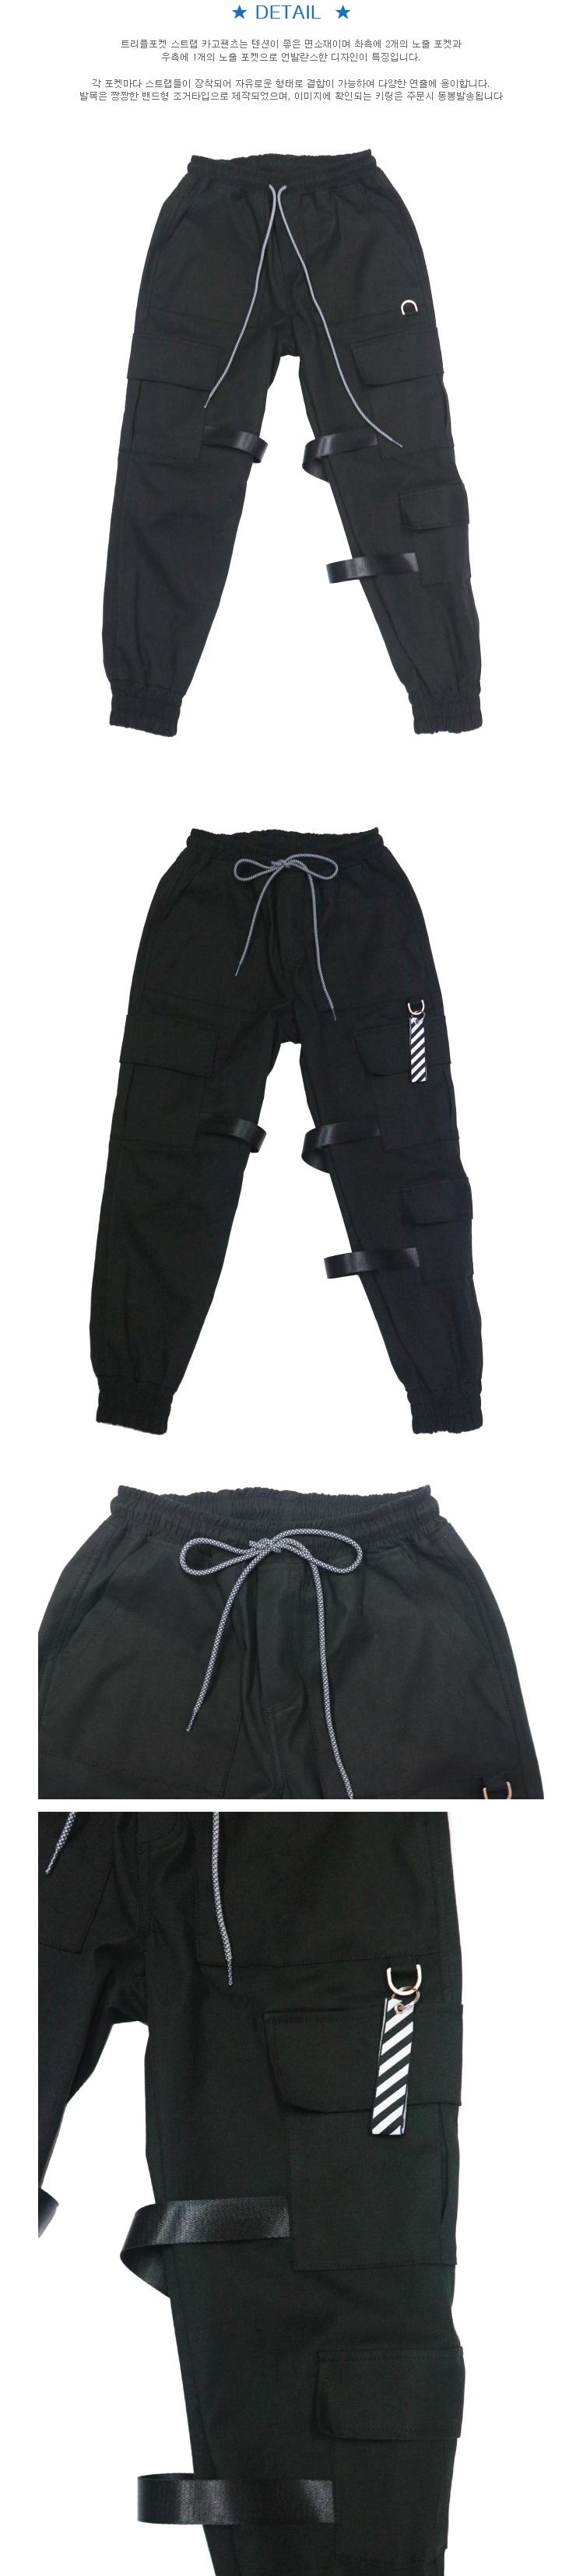 라울(LAUL) TRIPLE POCKET STRAP CARGO PANTS BLACK 트리플포켓 스트랩 카고팬츠 블랙